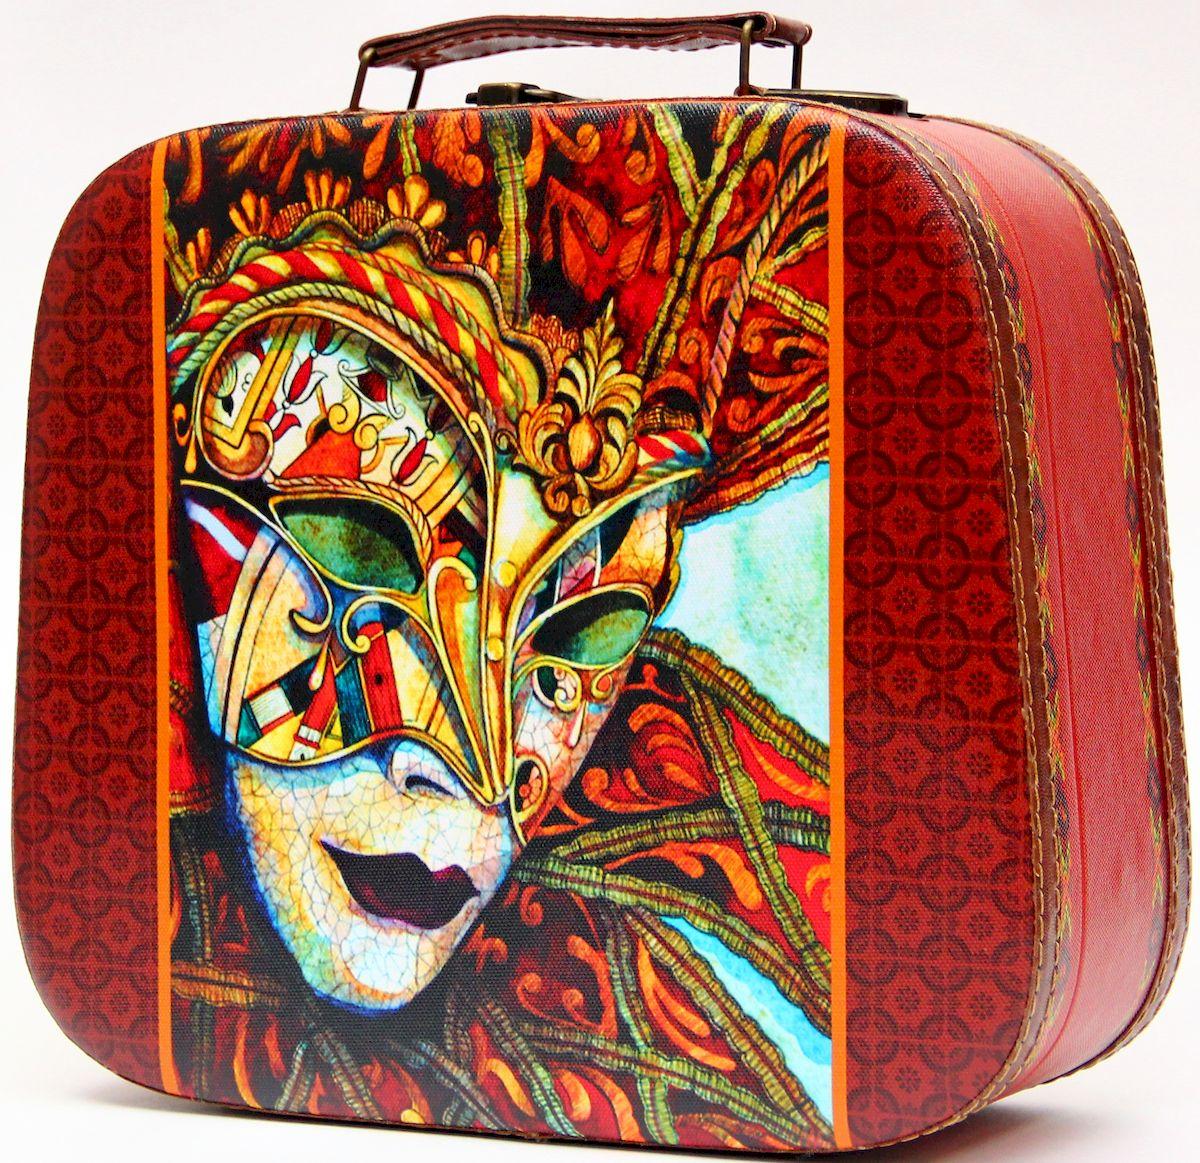 Шкатулка декоративная Magic Home Маска, цвет: бордовый, 28,5 х 25 х 10,5 см шкатулки magic home шкатулка дождь в париже